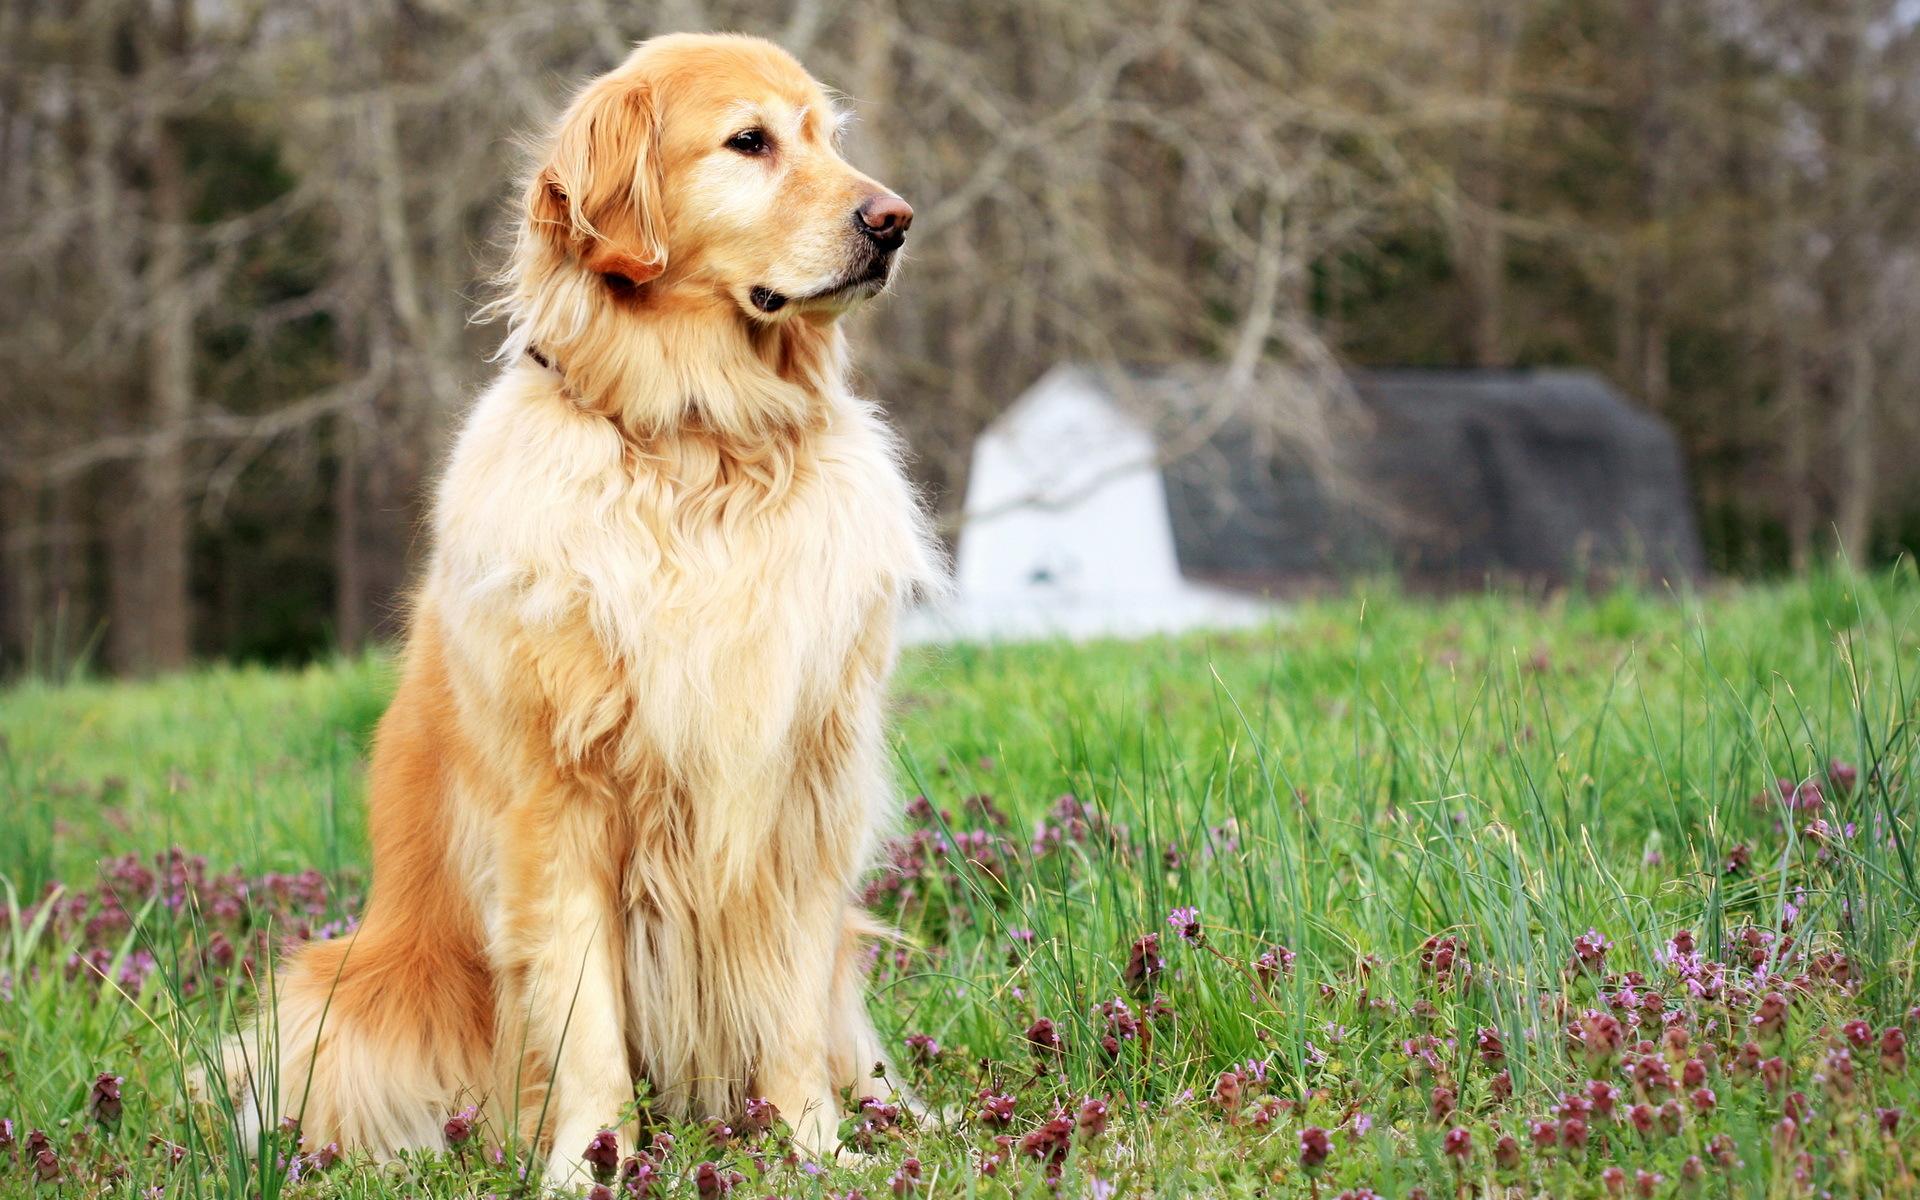 логотипов, эмблем, картинки с высокими собаками снова обрезать